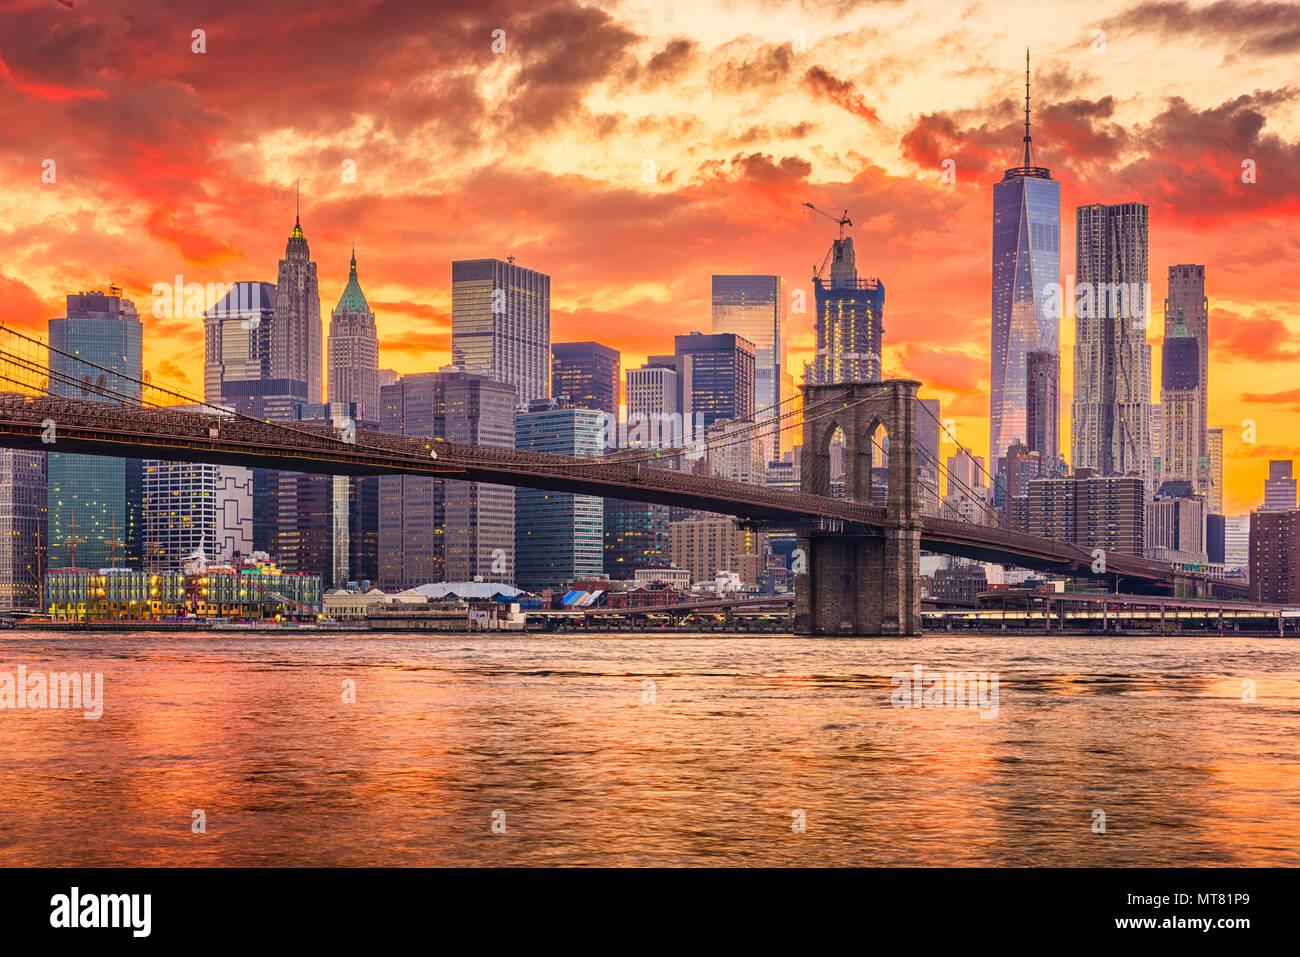 Nueva York, Nueva York, EE.UU. rascacielos de Manhattan en el East River con el puente de Brooklyn después del atardecer. Foto de stock